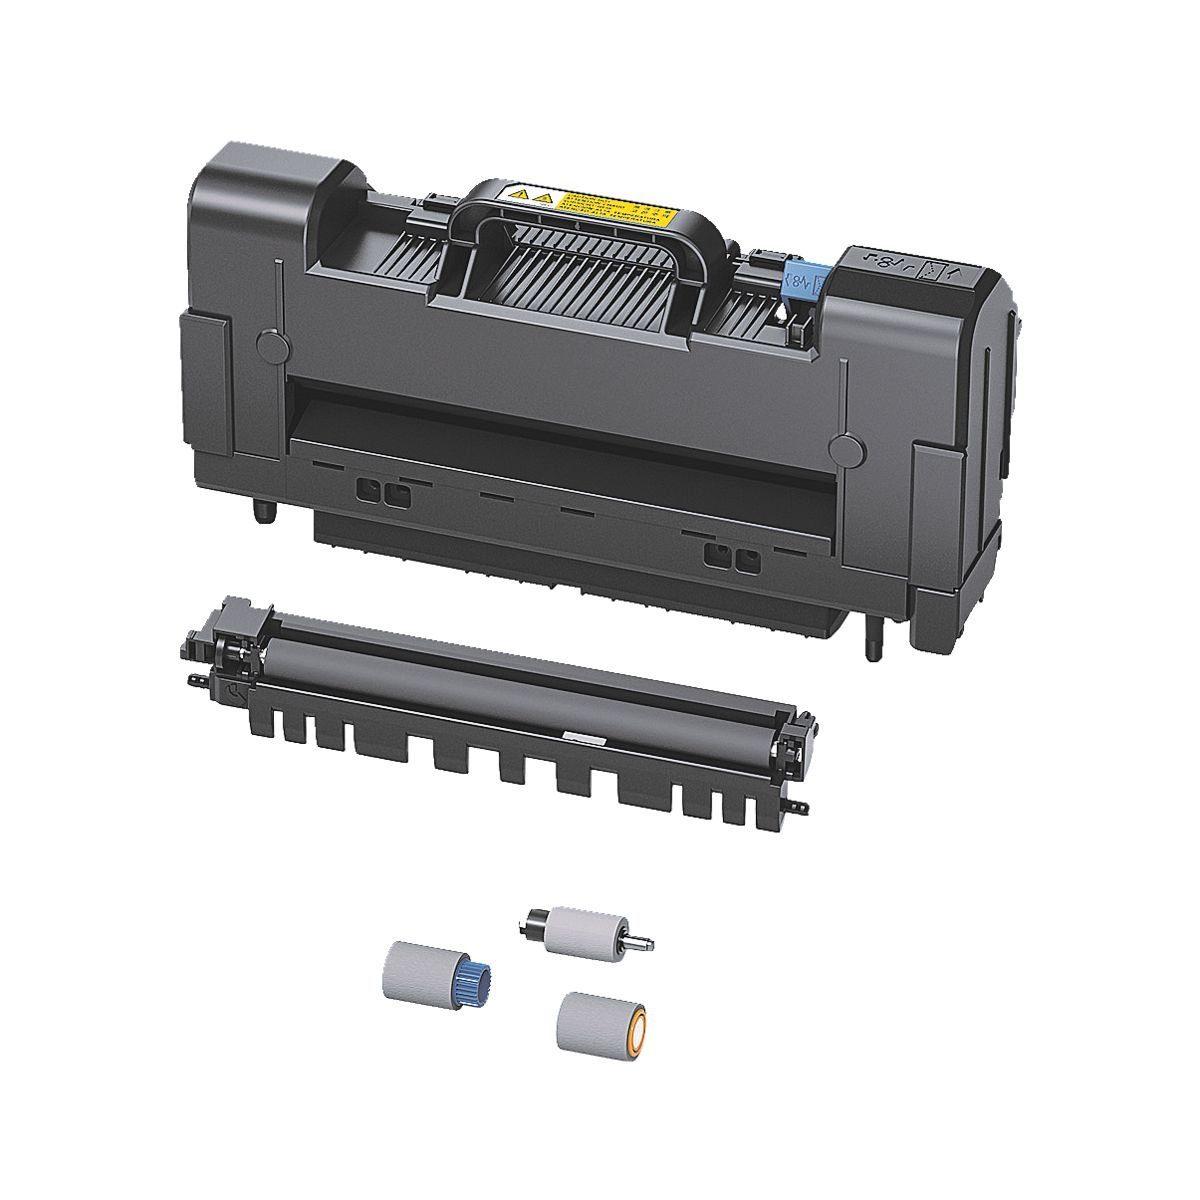 OKI Drucker-Wartungskit